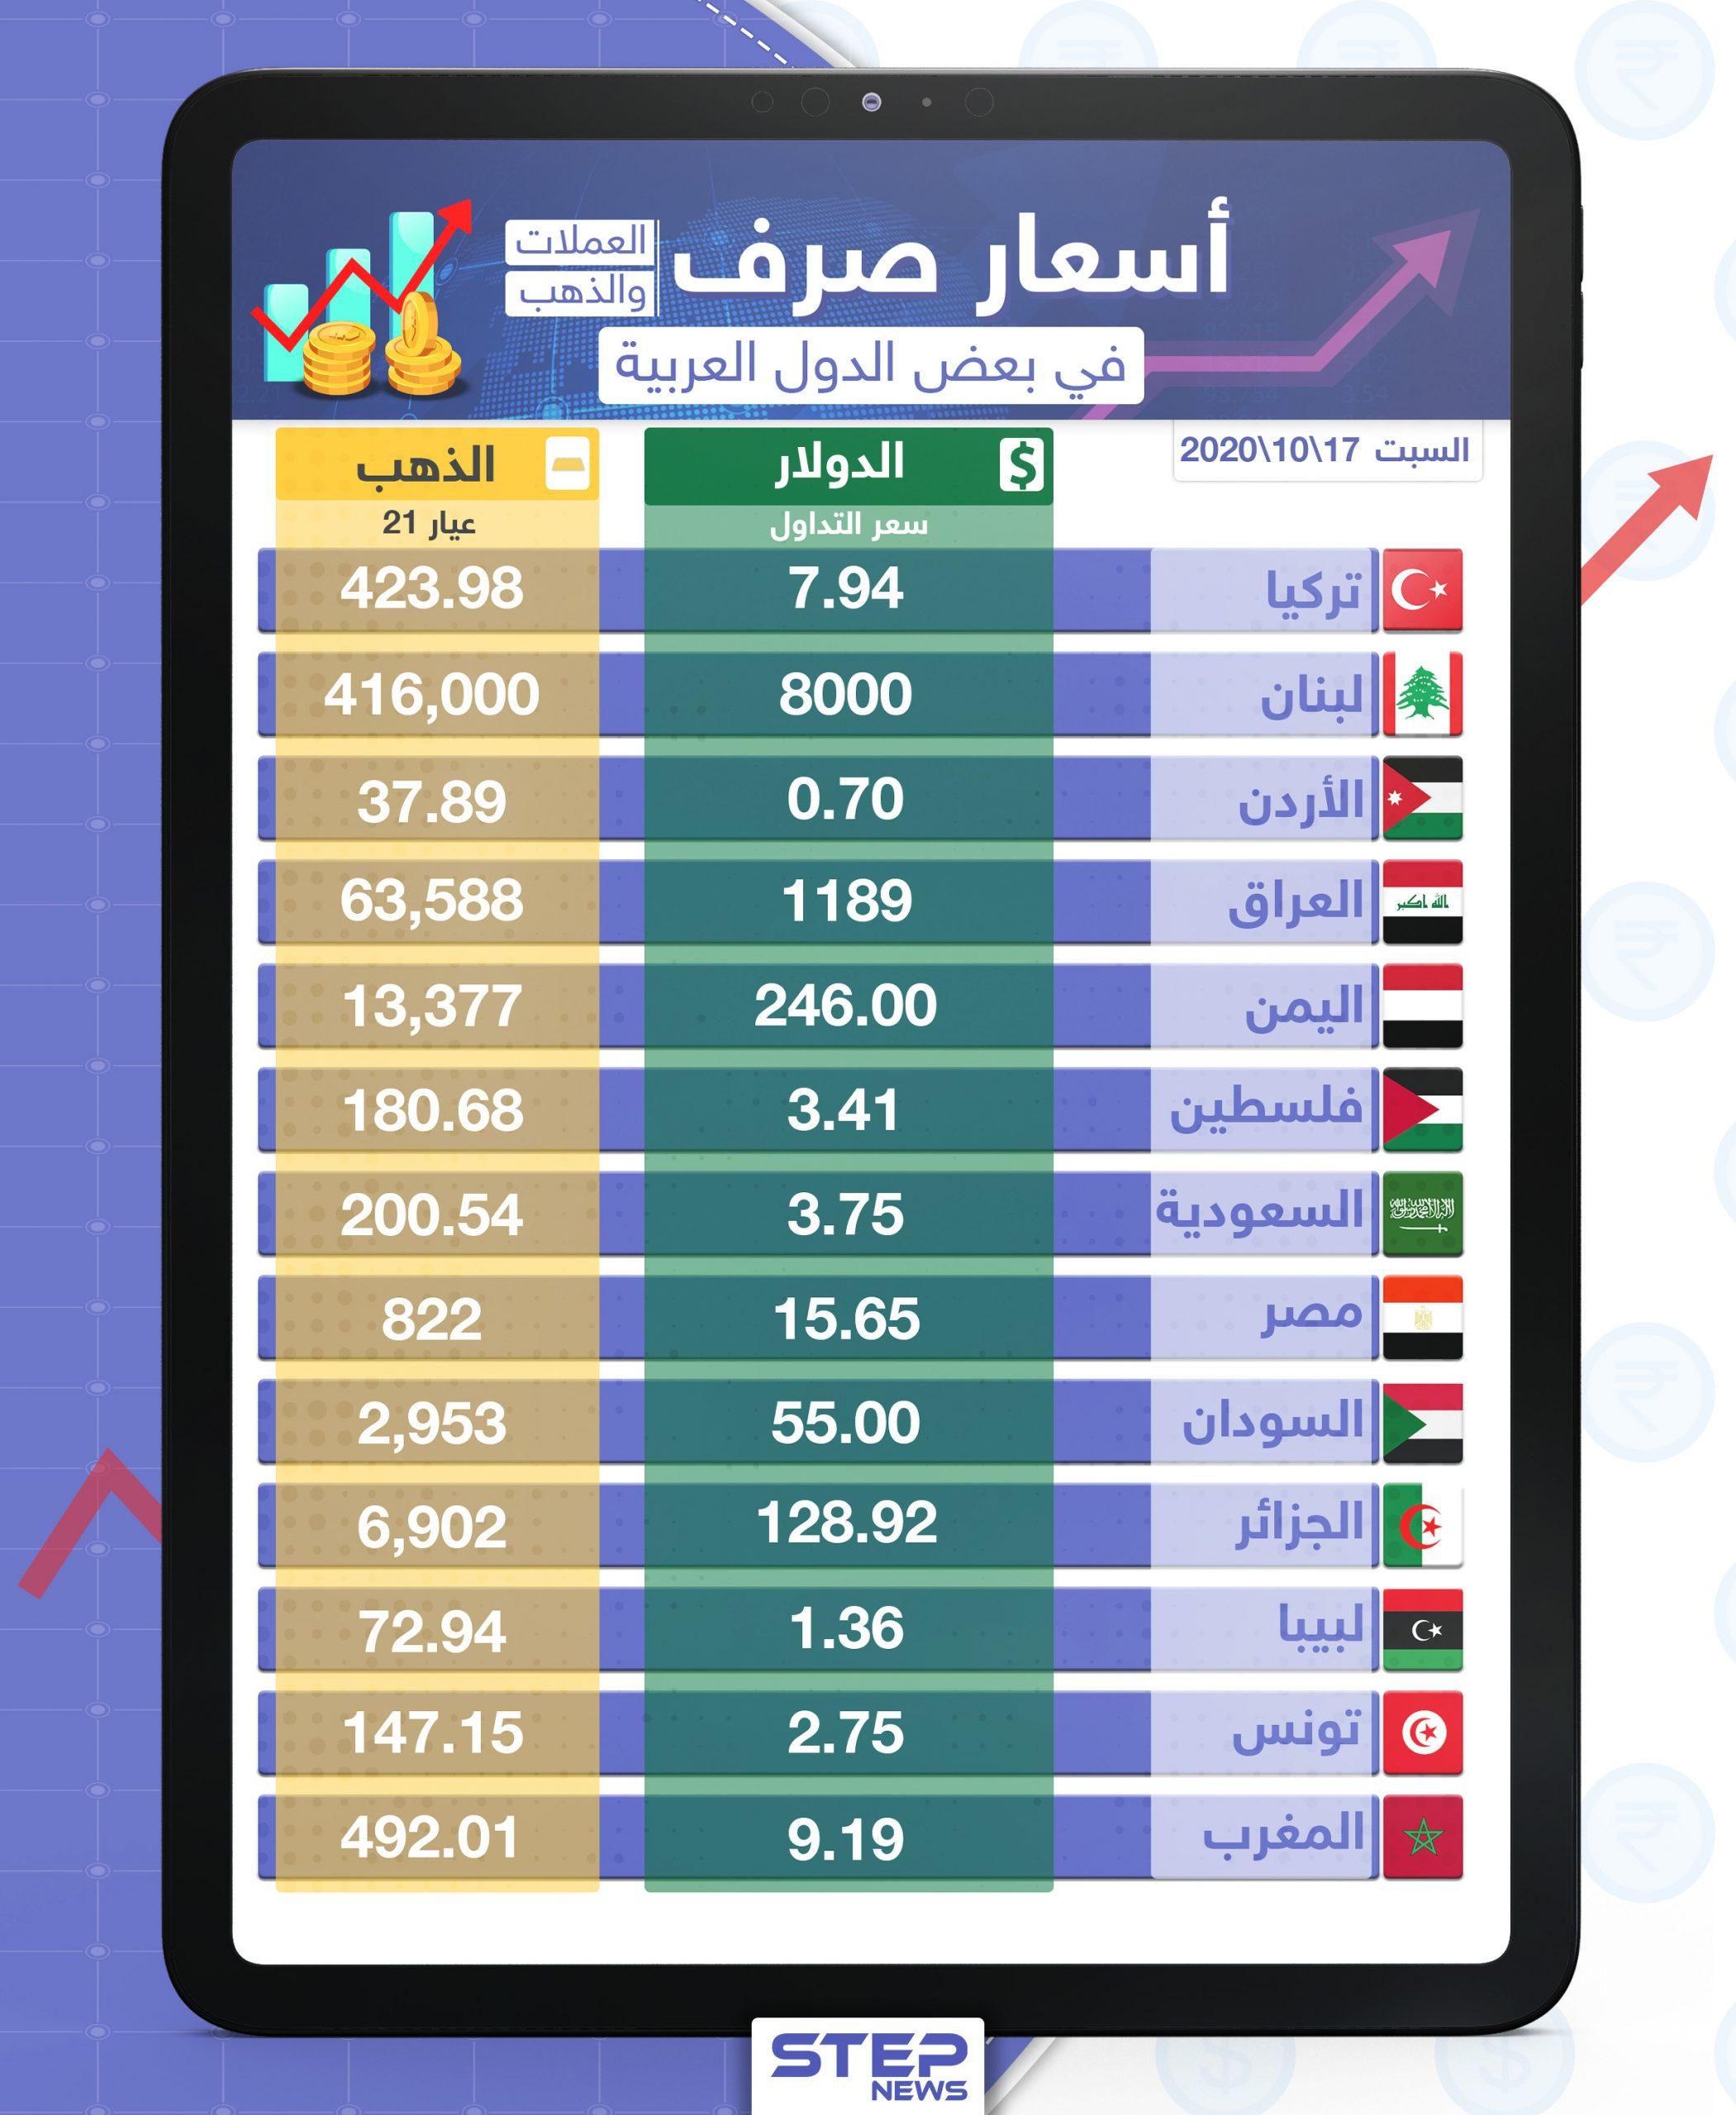 أسعار الذهب والعملات للدول العربية وتركيا اليوم السبت الموافق 17 تشرين الأول 2020